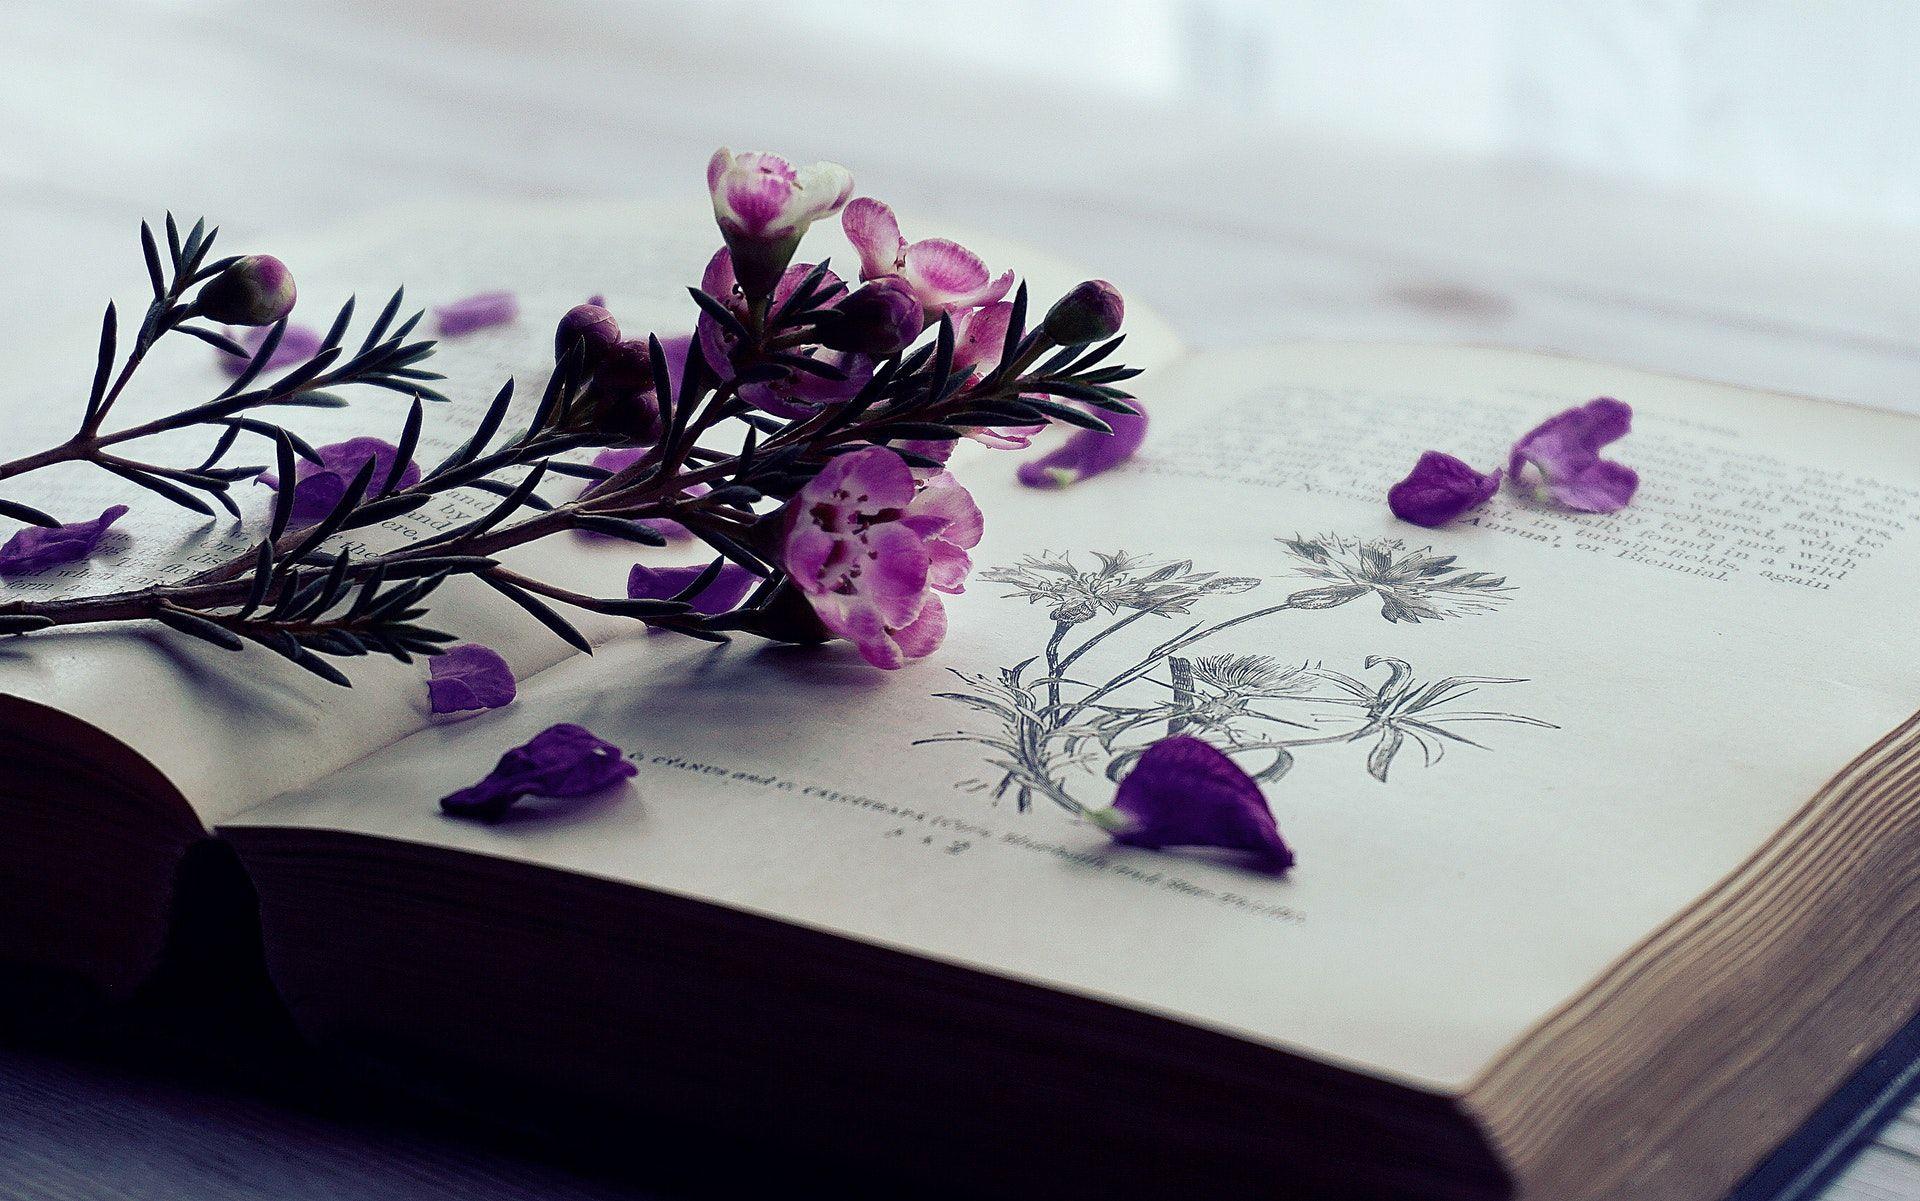 عکس زمینه گل بنفش لای کتاب پس زمینه